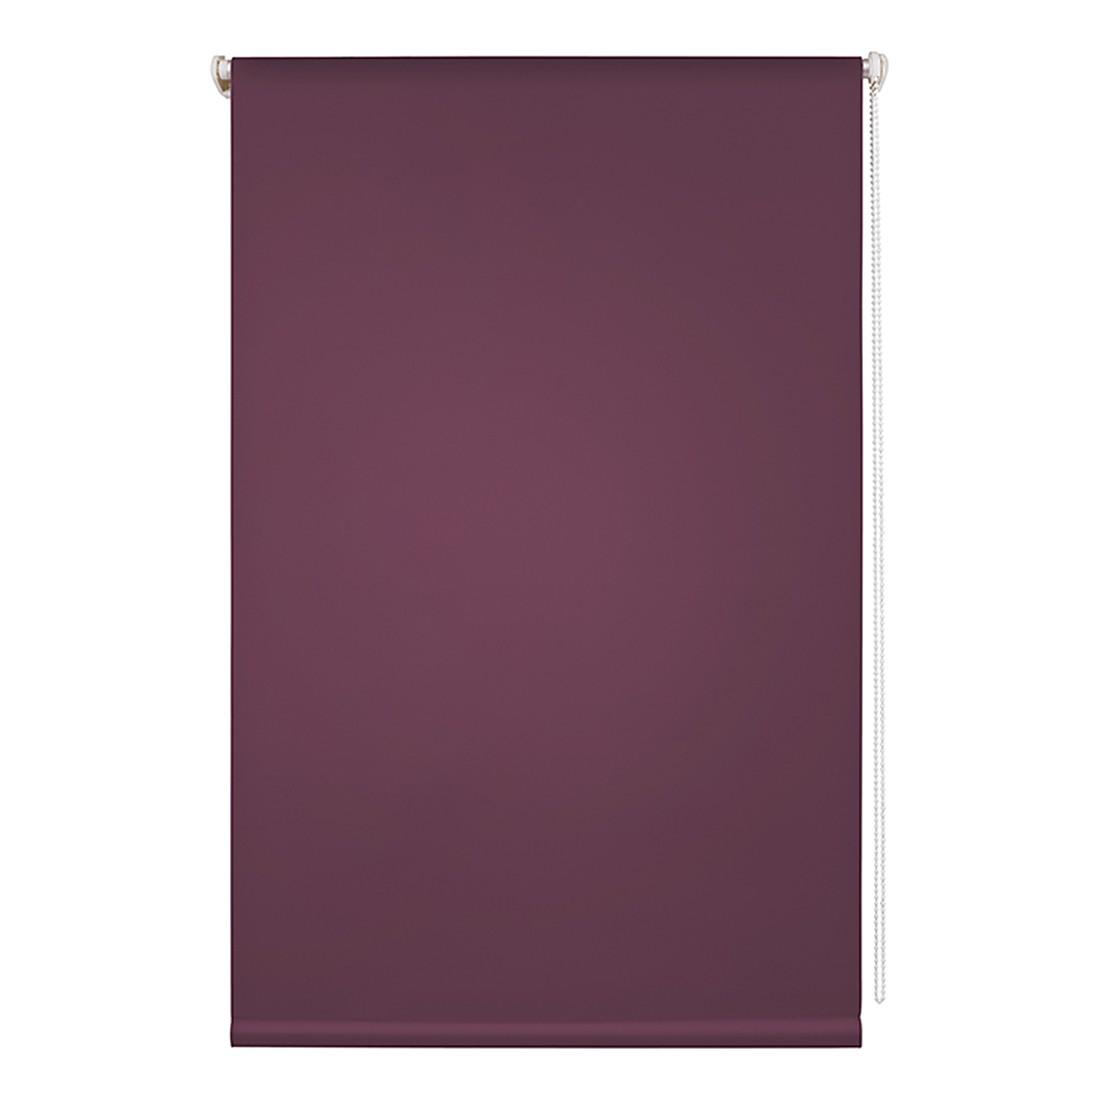 Rollo Klemmfix, lichtdurchlässig – Polyester, Brombeer / Lila – Breite: 45 cm, Wohn-Guide günstig online kaufen